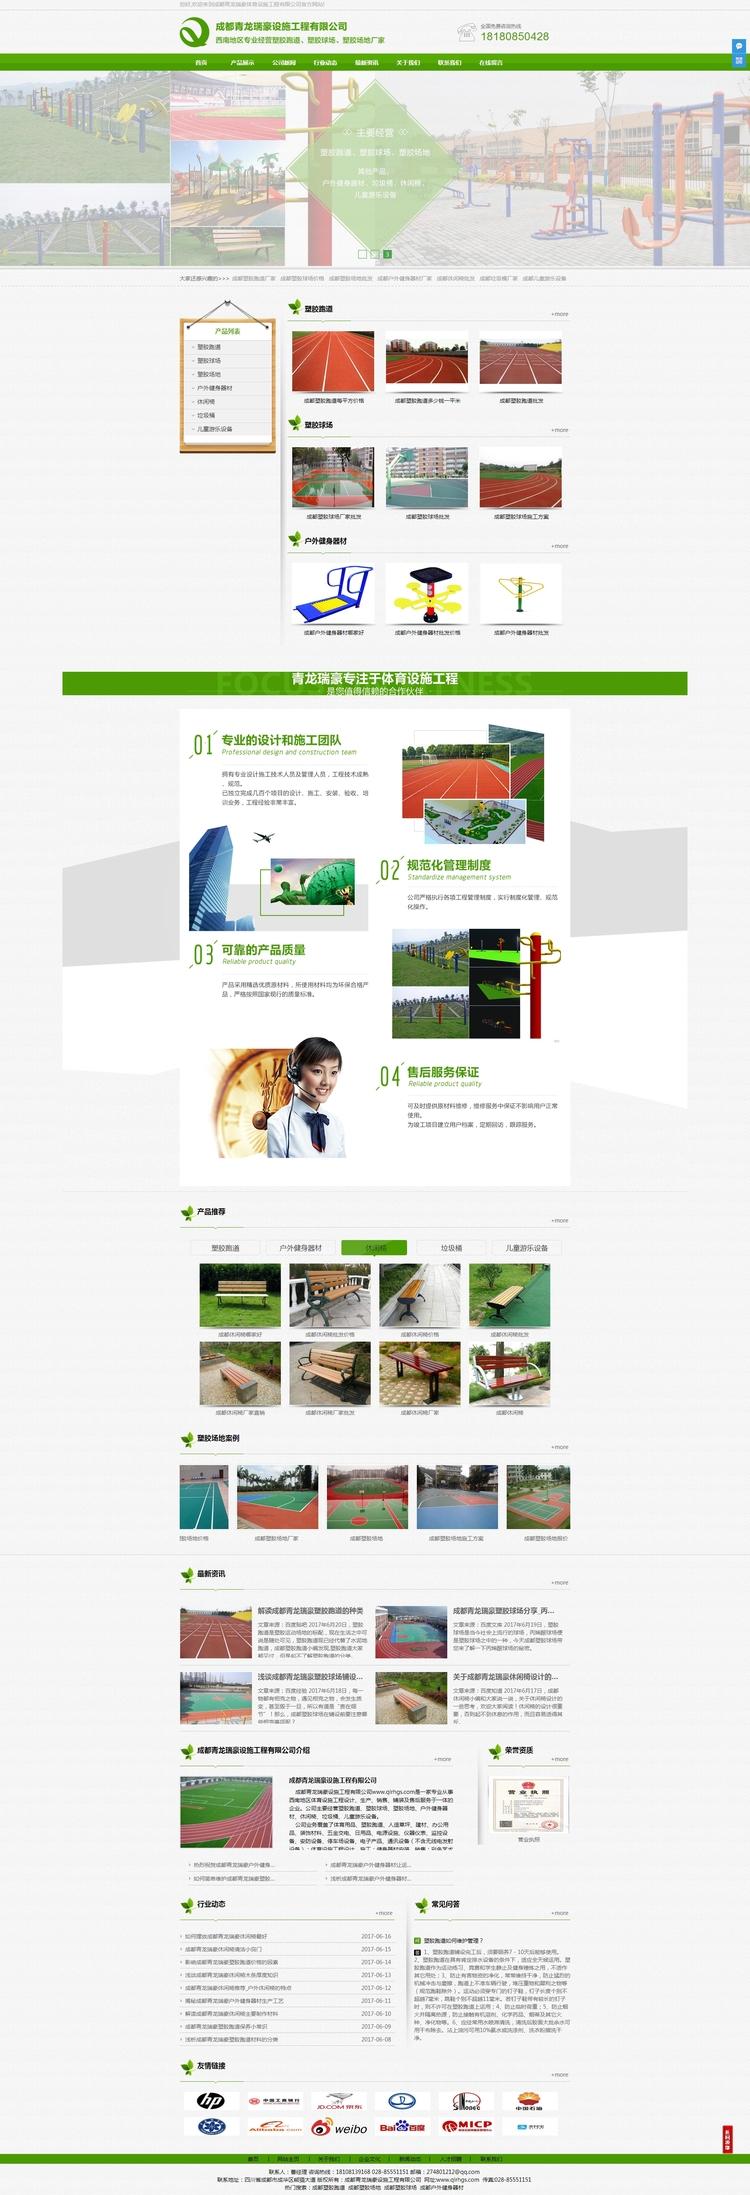 成都网站推广案例.jpg